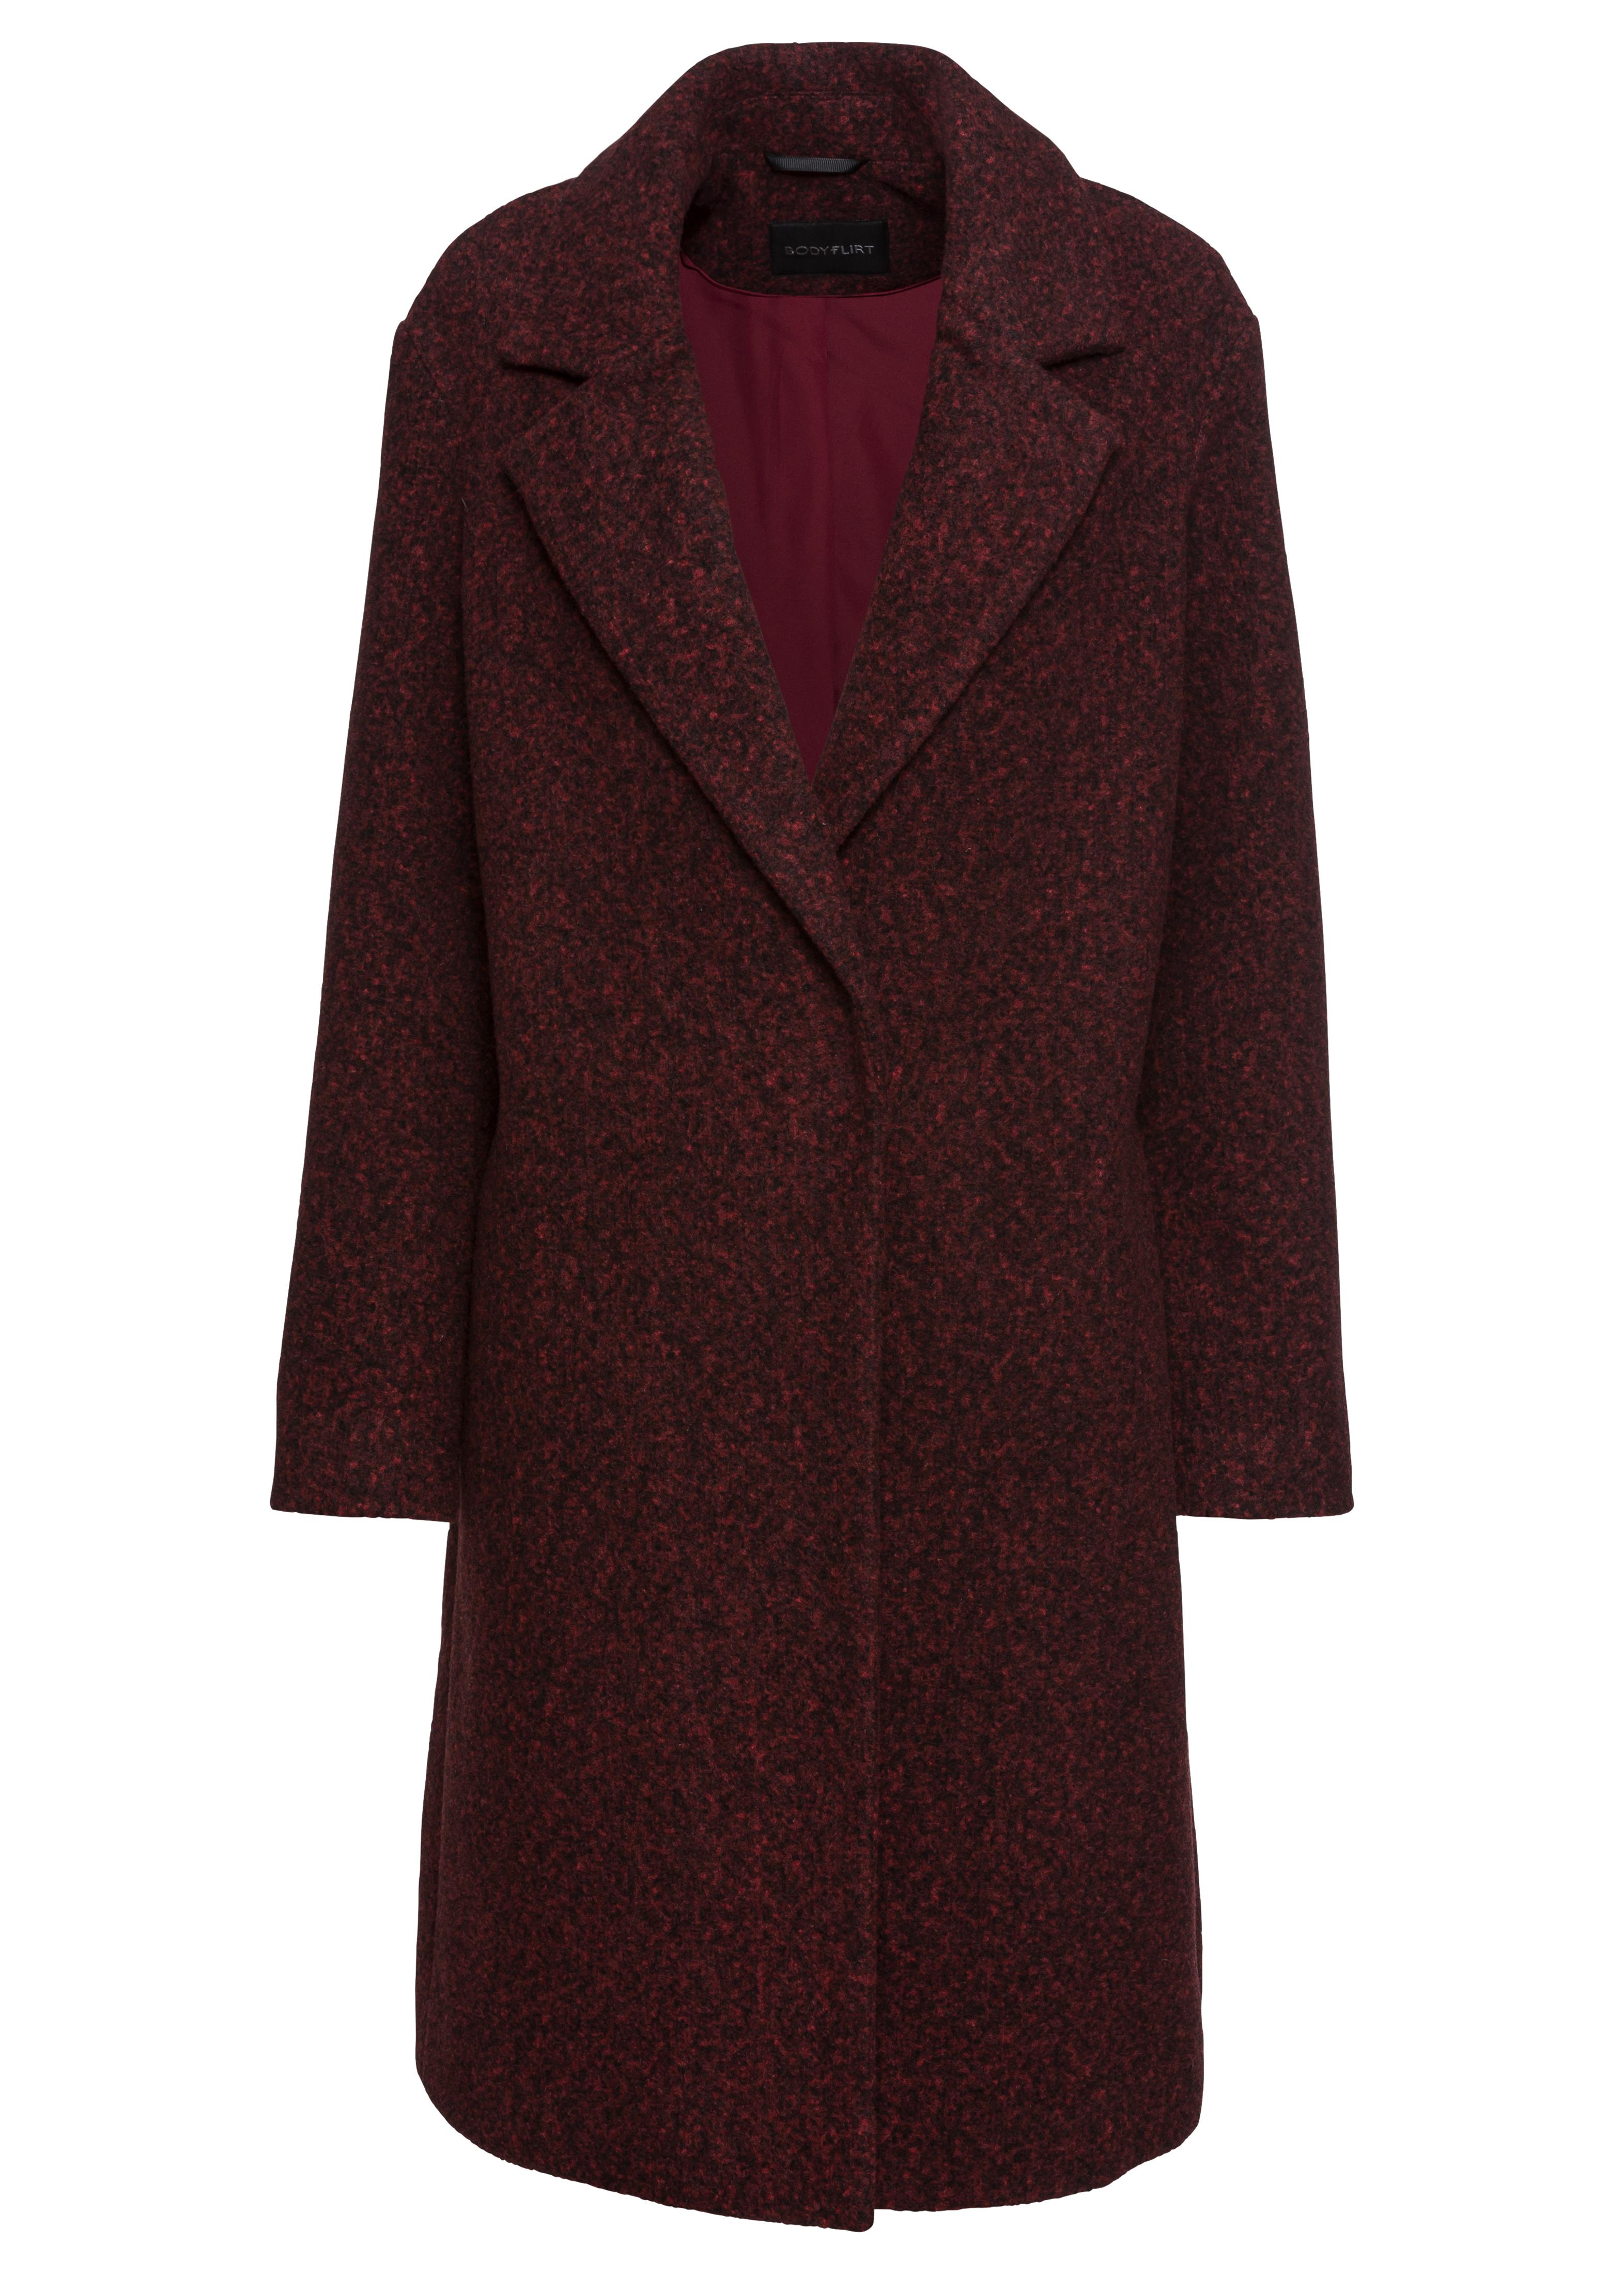 Wool Look Coat, £22, Bon Prix